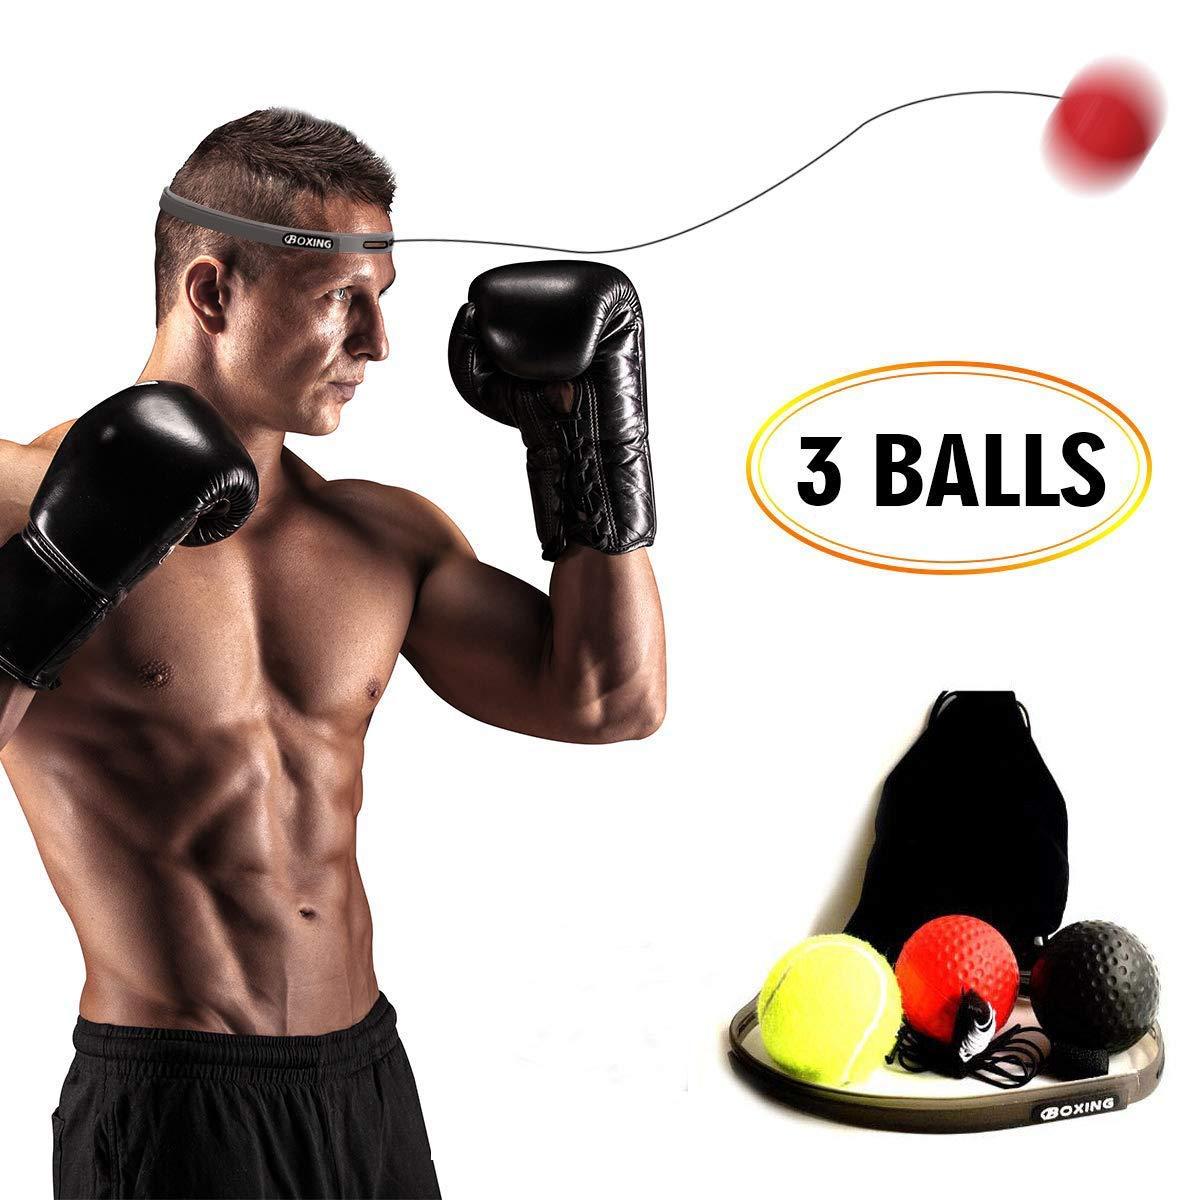 Boxtraining Boxtraining Ball 3 Boxreflexb/älle mit Schwierigkeitsgrad und Stirnband,Kampf Dekompression Vent Ball Reflex Training Koordinationsf/ähigkeit Geschwindigkeit Pr/äzision Dekompression